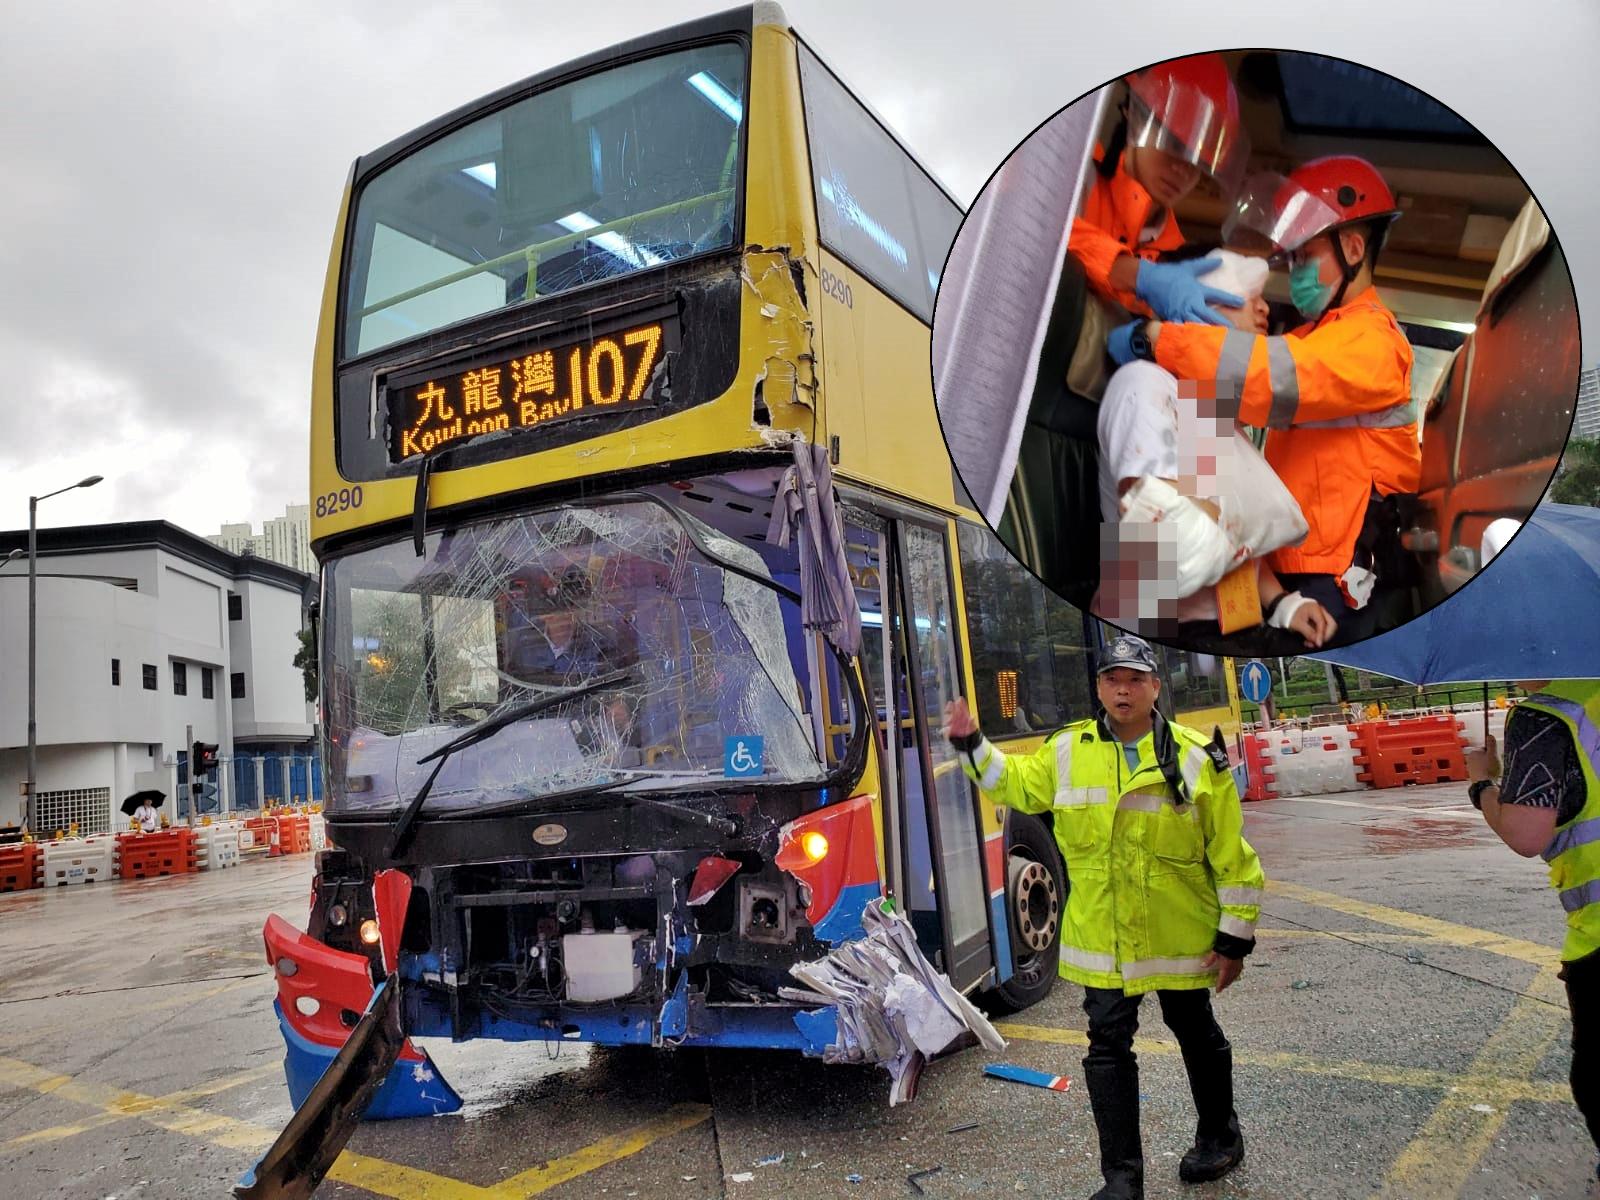 事故造成多人受傷。蔡楚輝攝